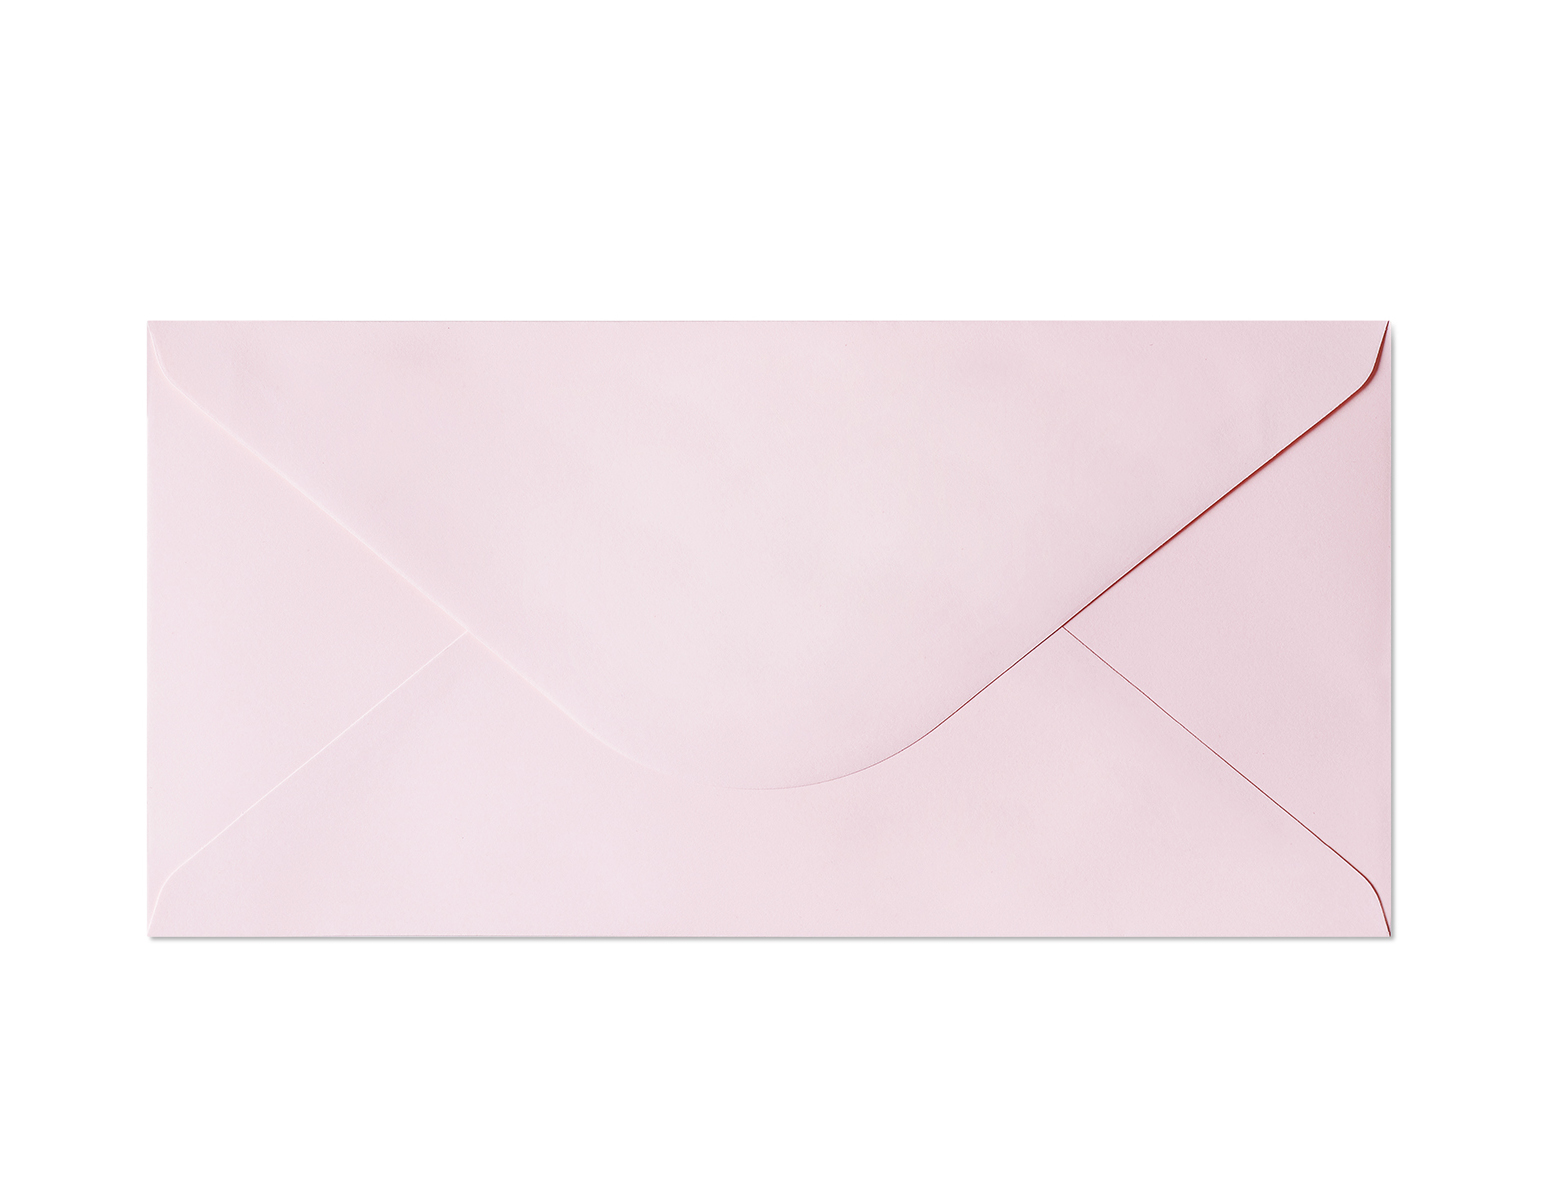 Galeria Papieru obálky DL Hladký růžová 130g, 10ks